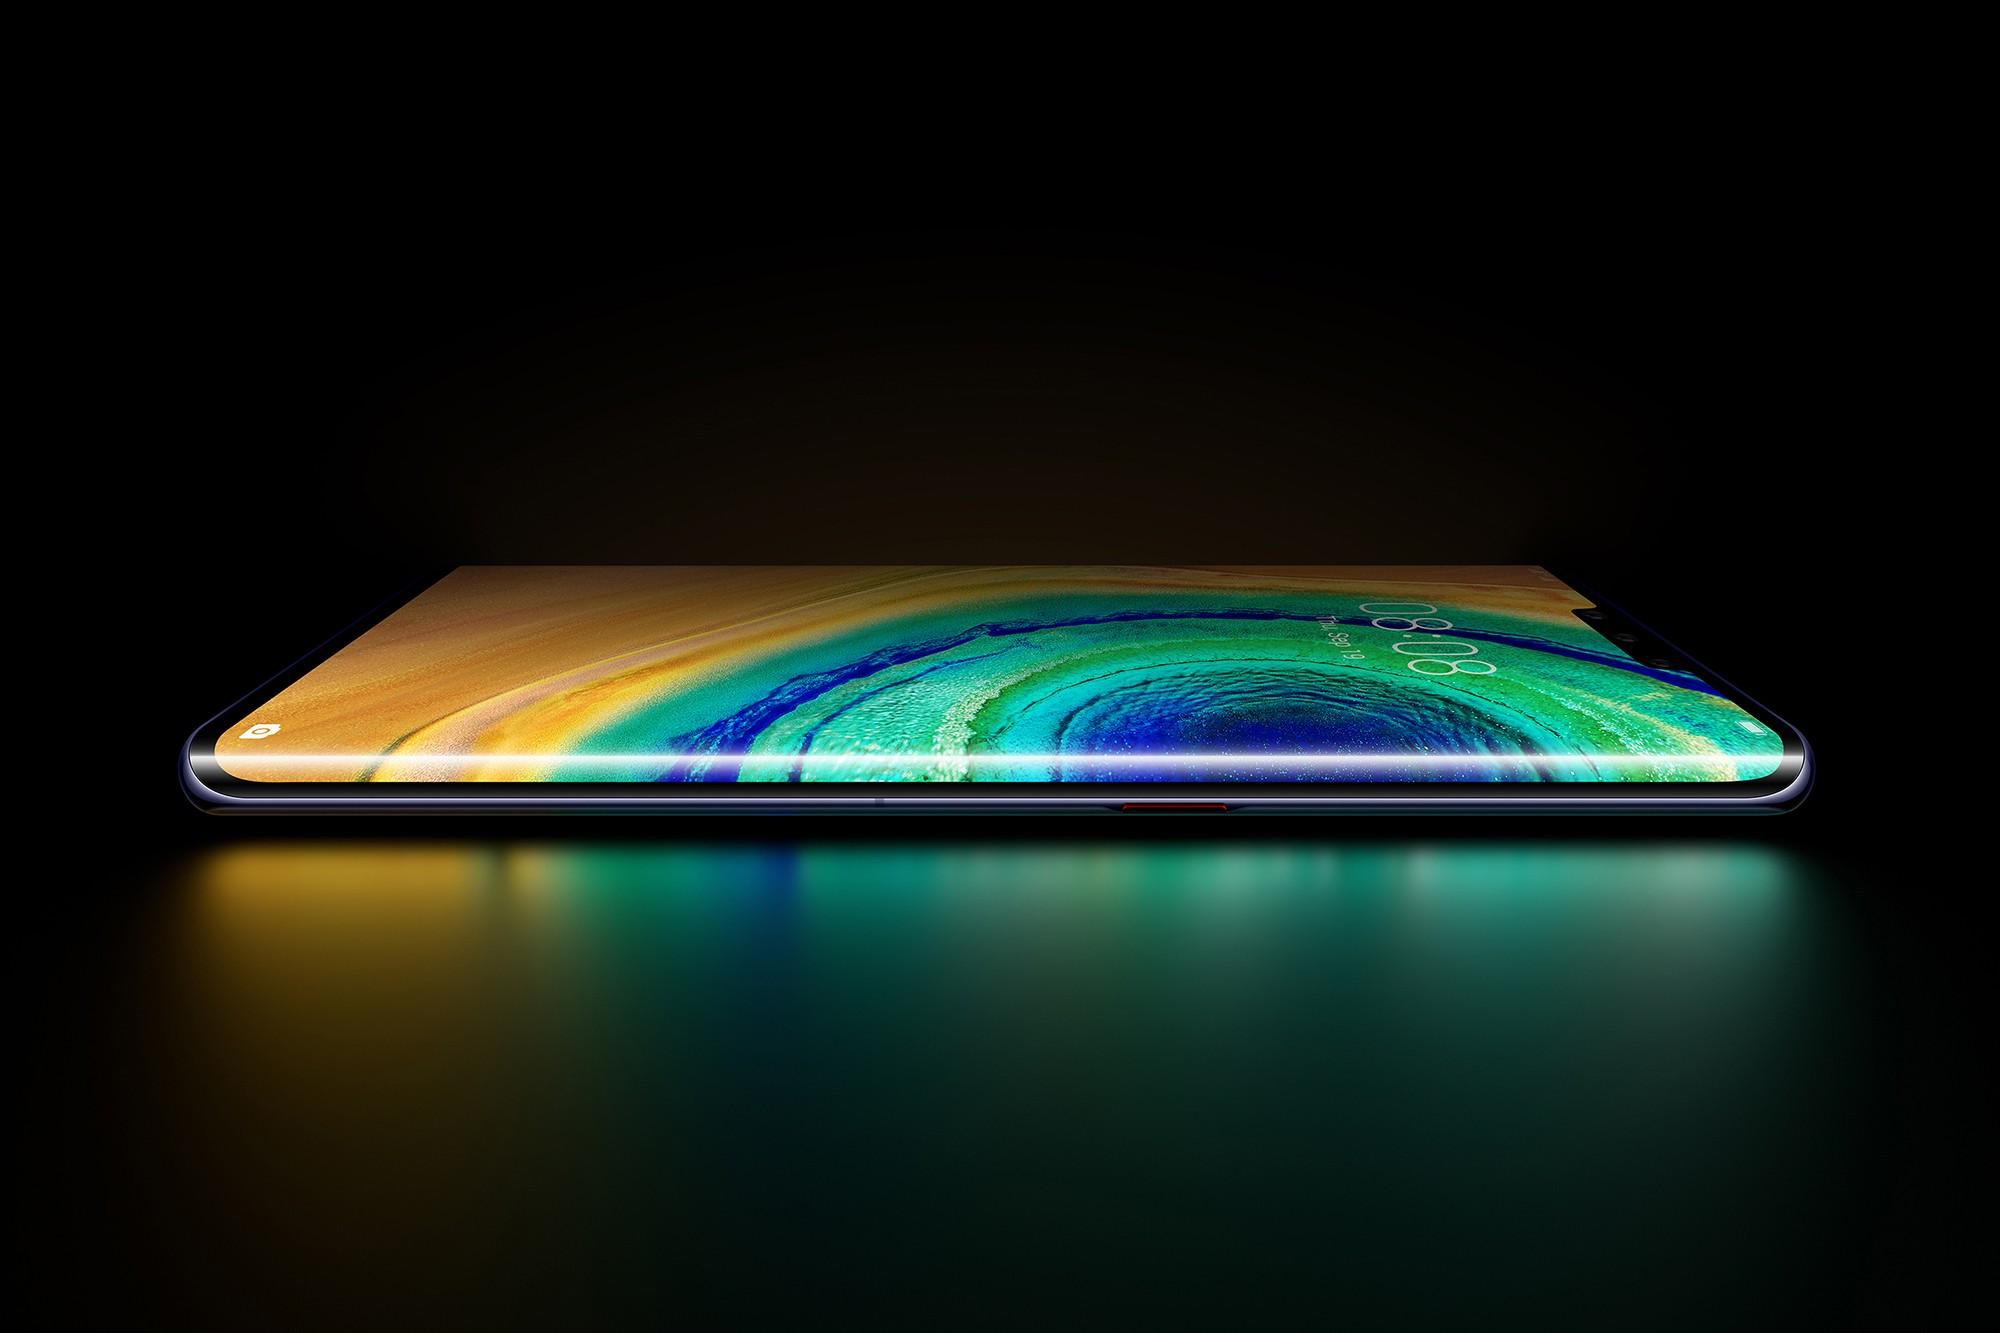 Huawei lança linha de smartphones Mate 30, sem apps do Google - Notícias - Plantão Diário